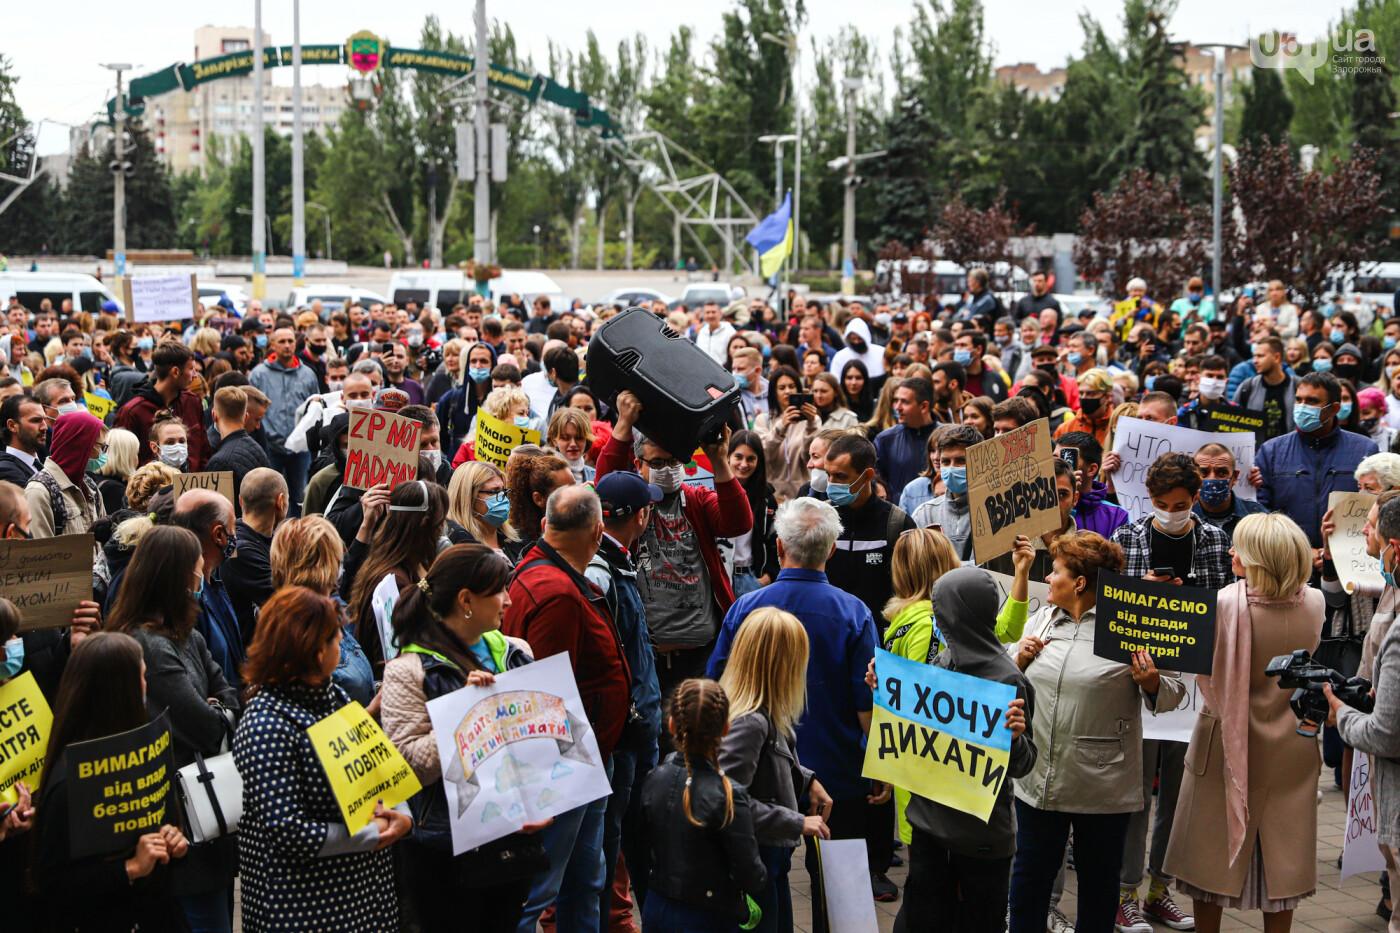 Маю право дихати: тысячи запорожцев вышли на экологический митинг, ФОТО, ВИДЕО, фото-48